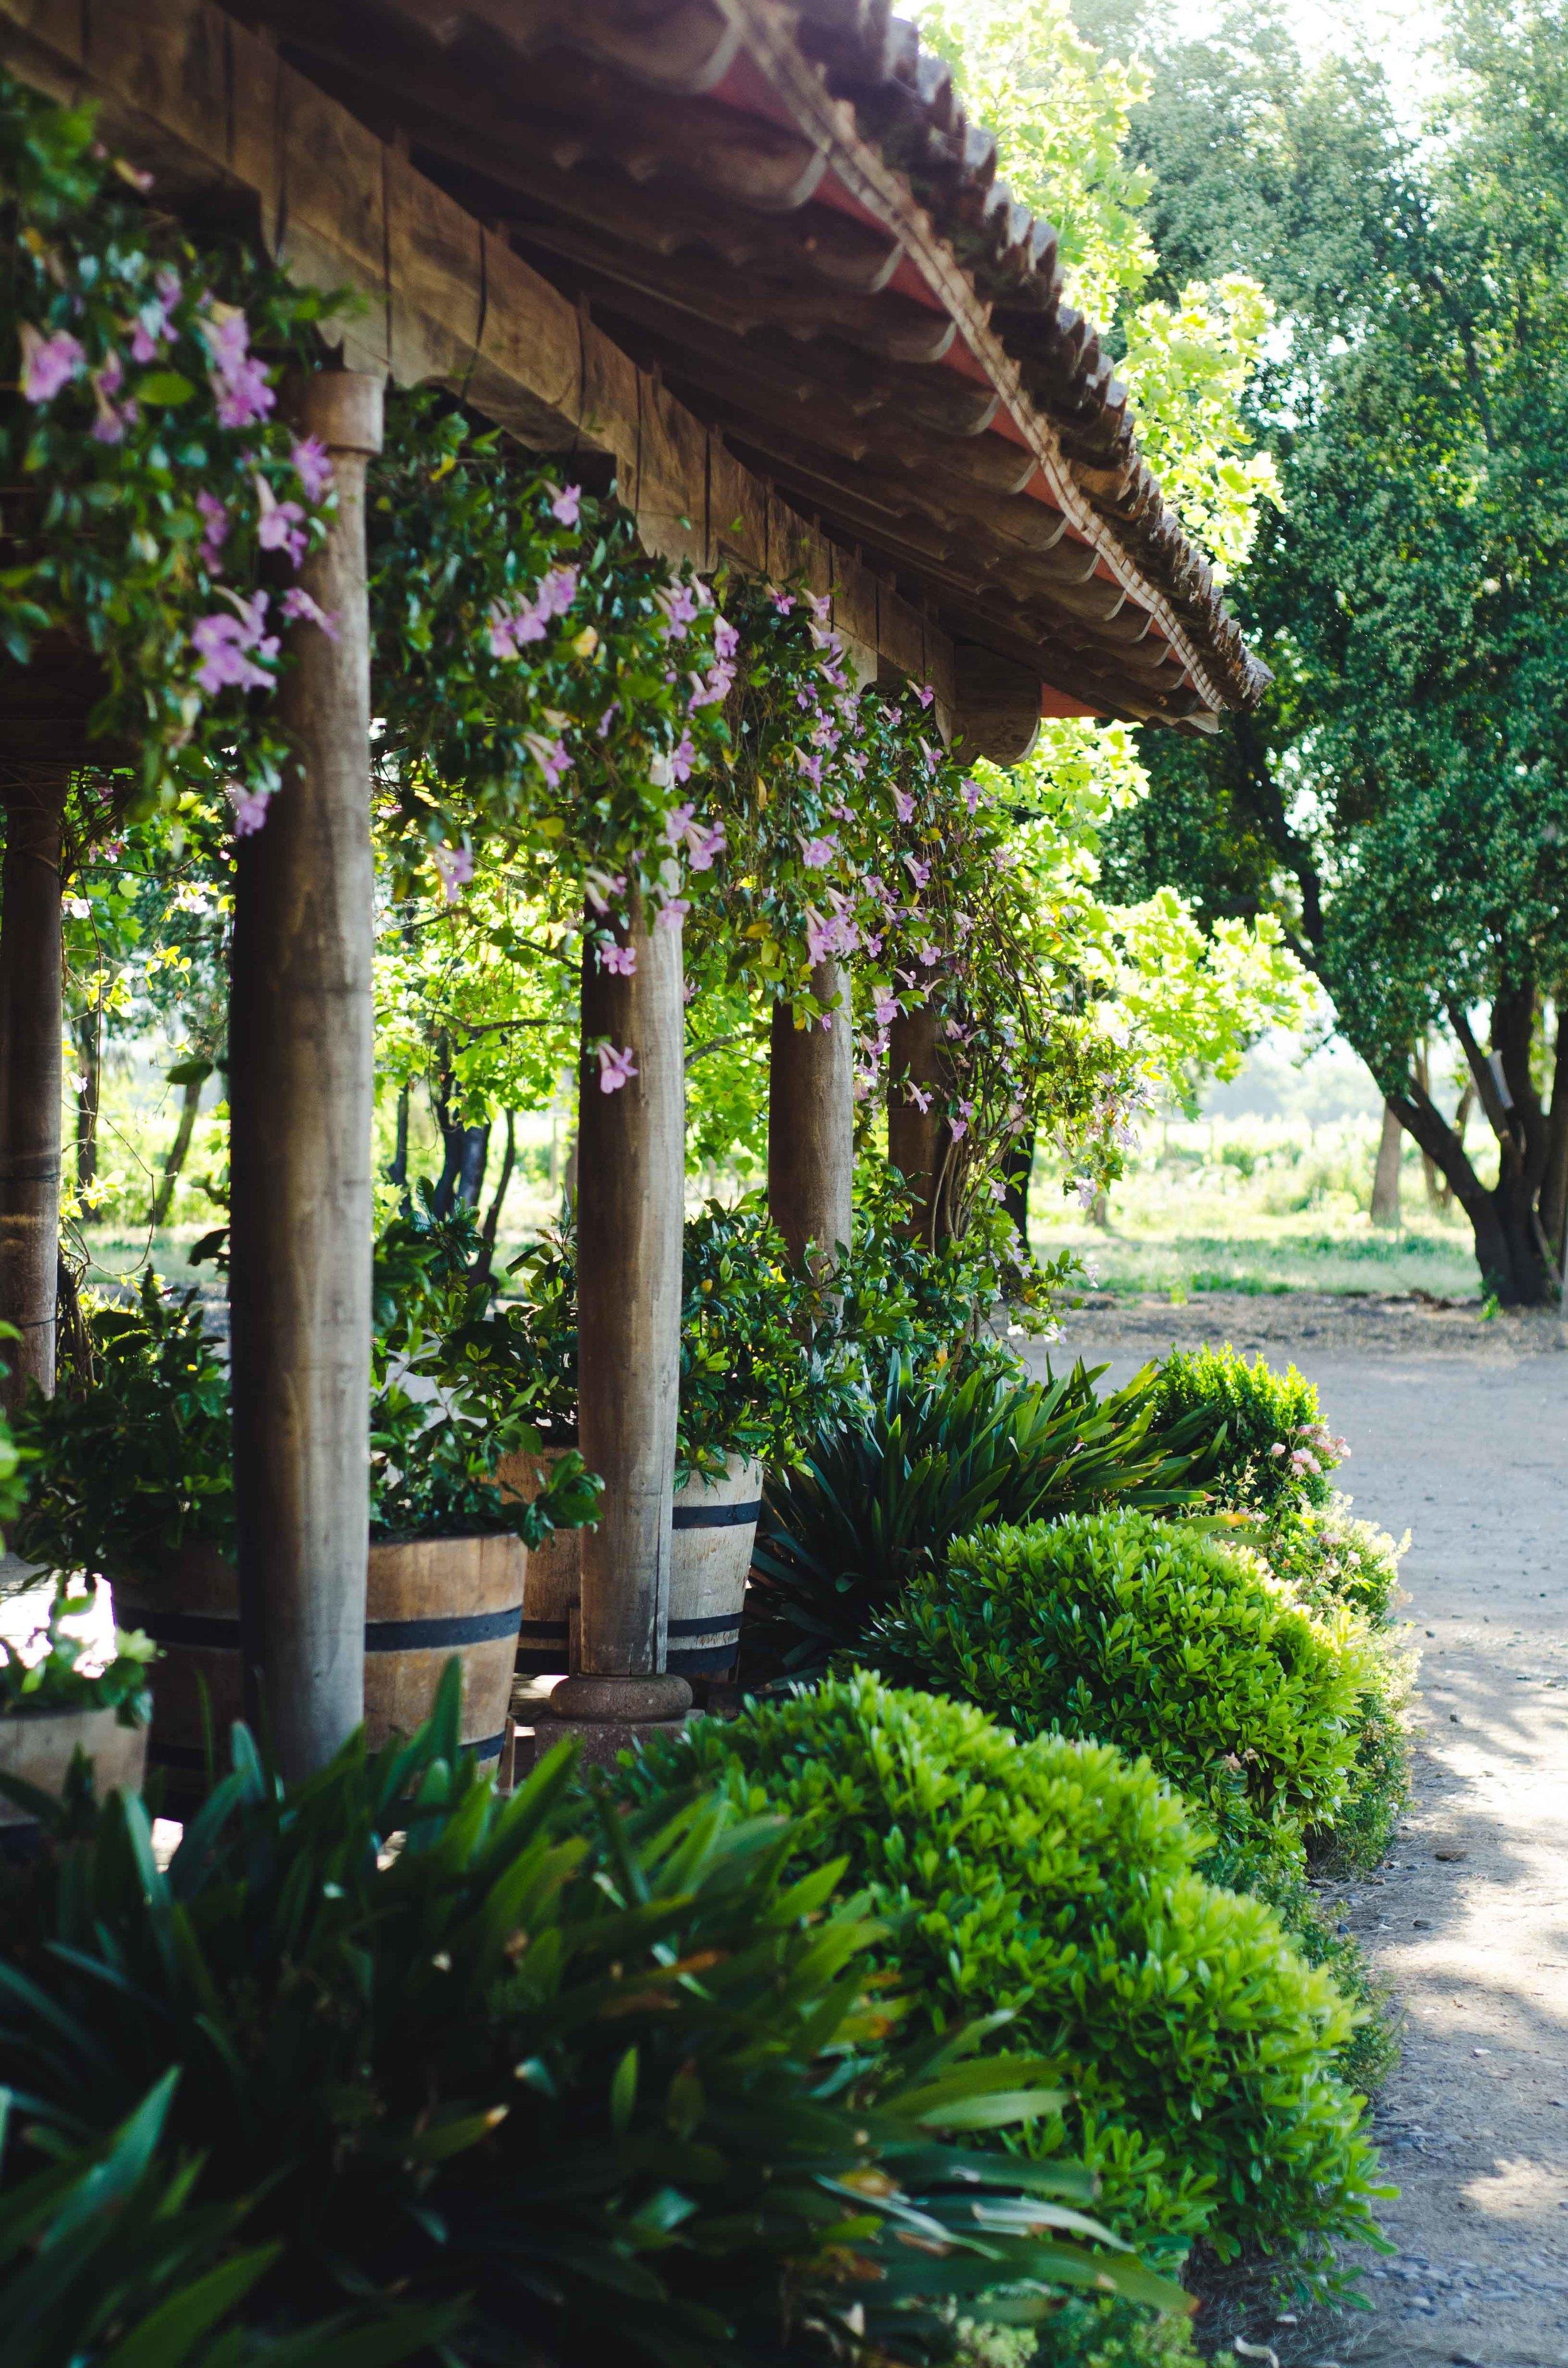 Patio at the vineyard